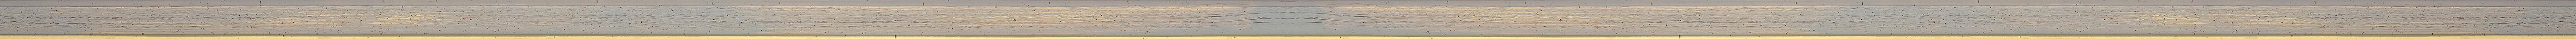 CONTEMPORARY HANDMADE GREY FRAME frame